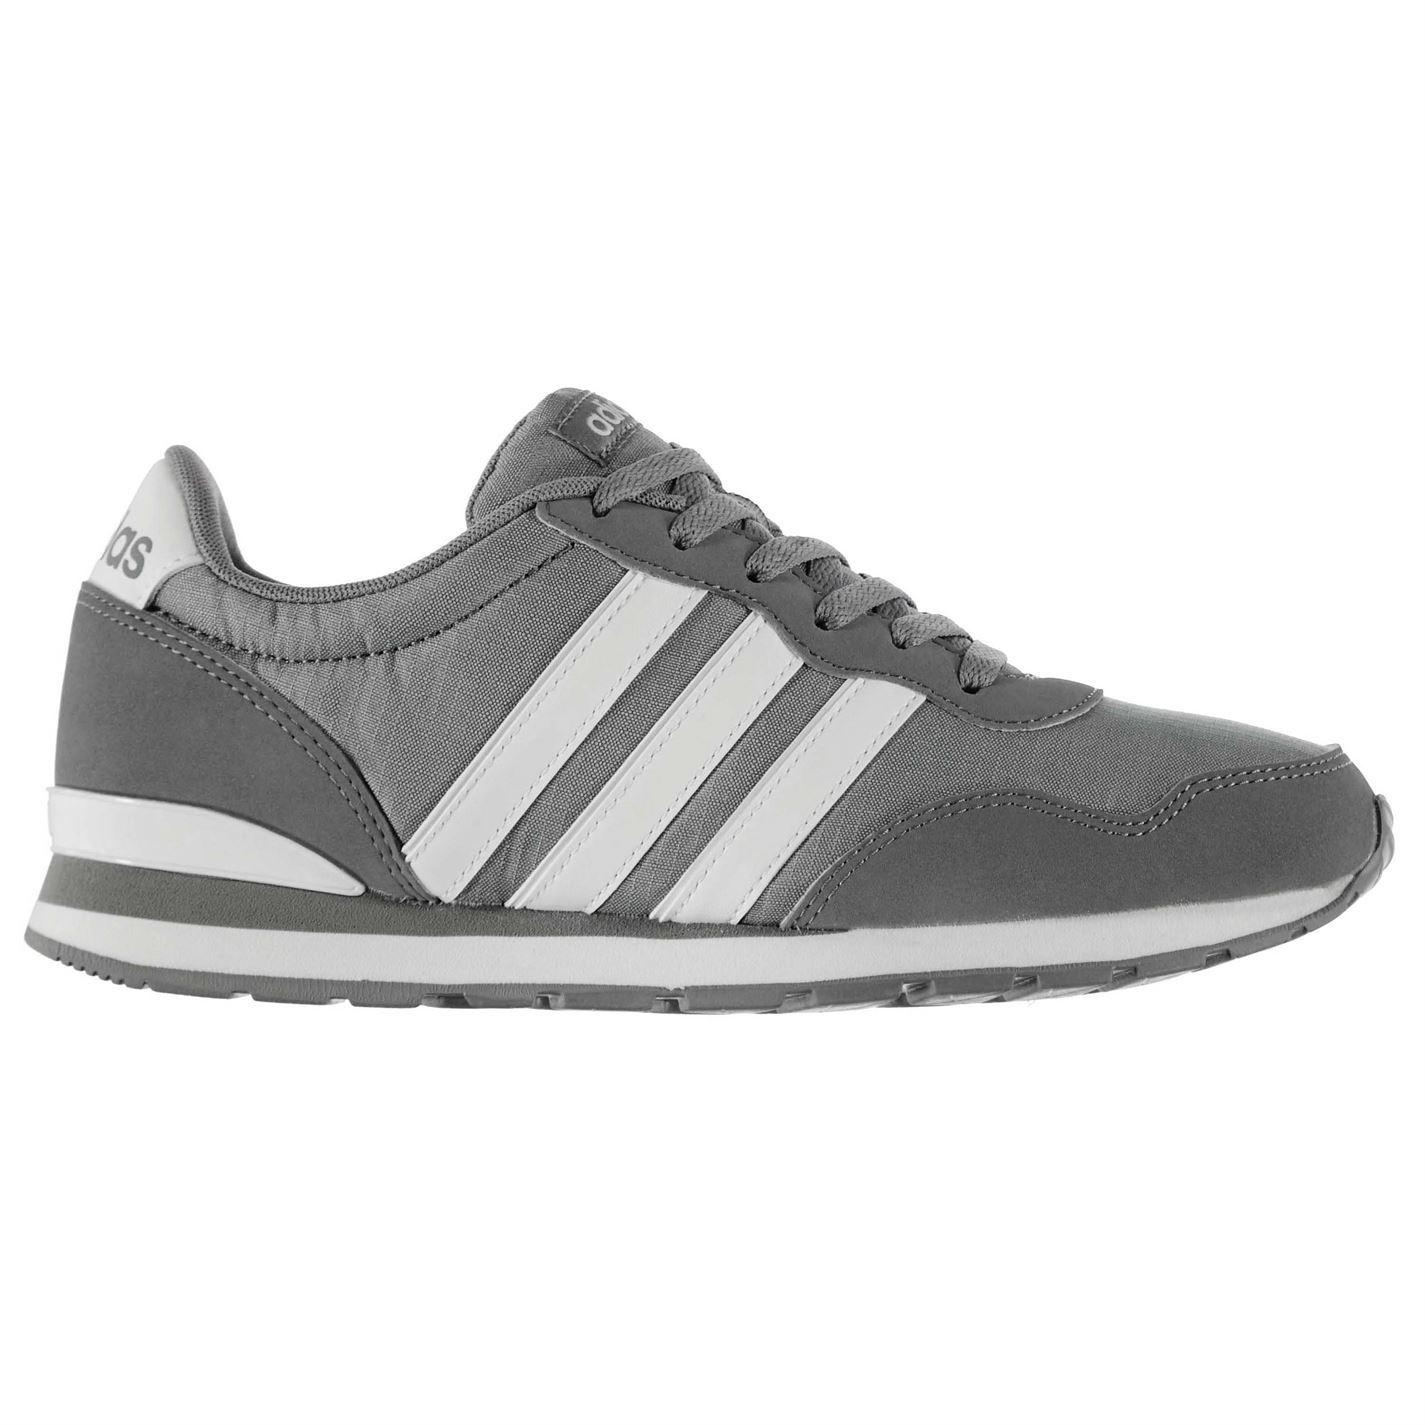 Adidas Uomo signori v - rip clip formatori lacci allacciate le scarpe